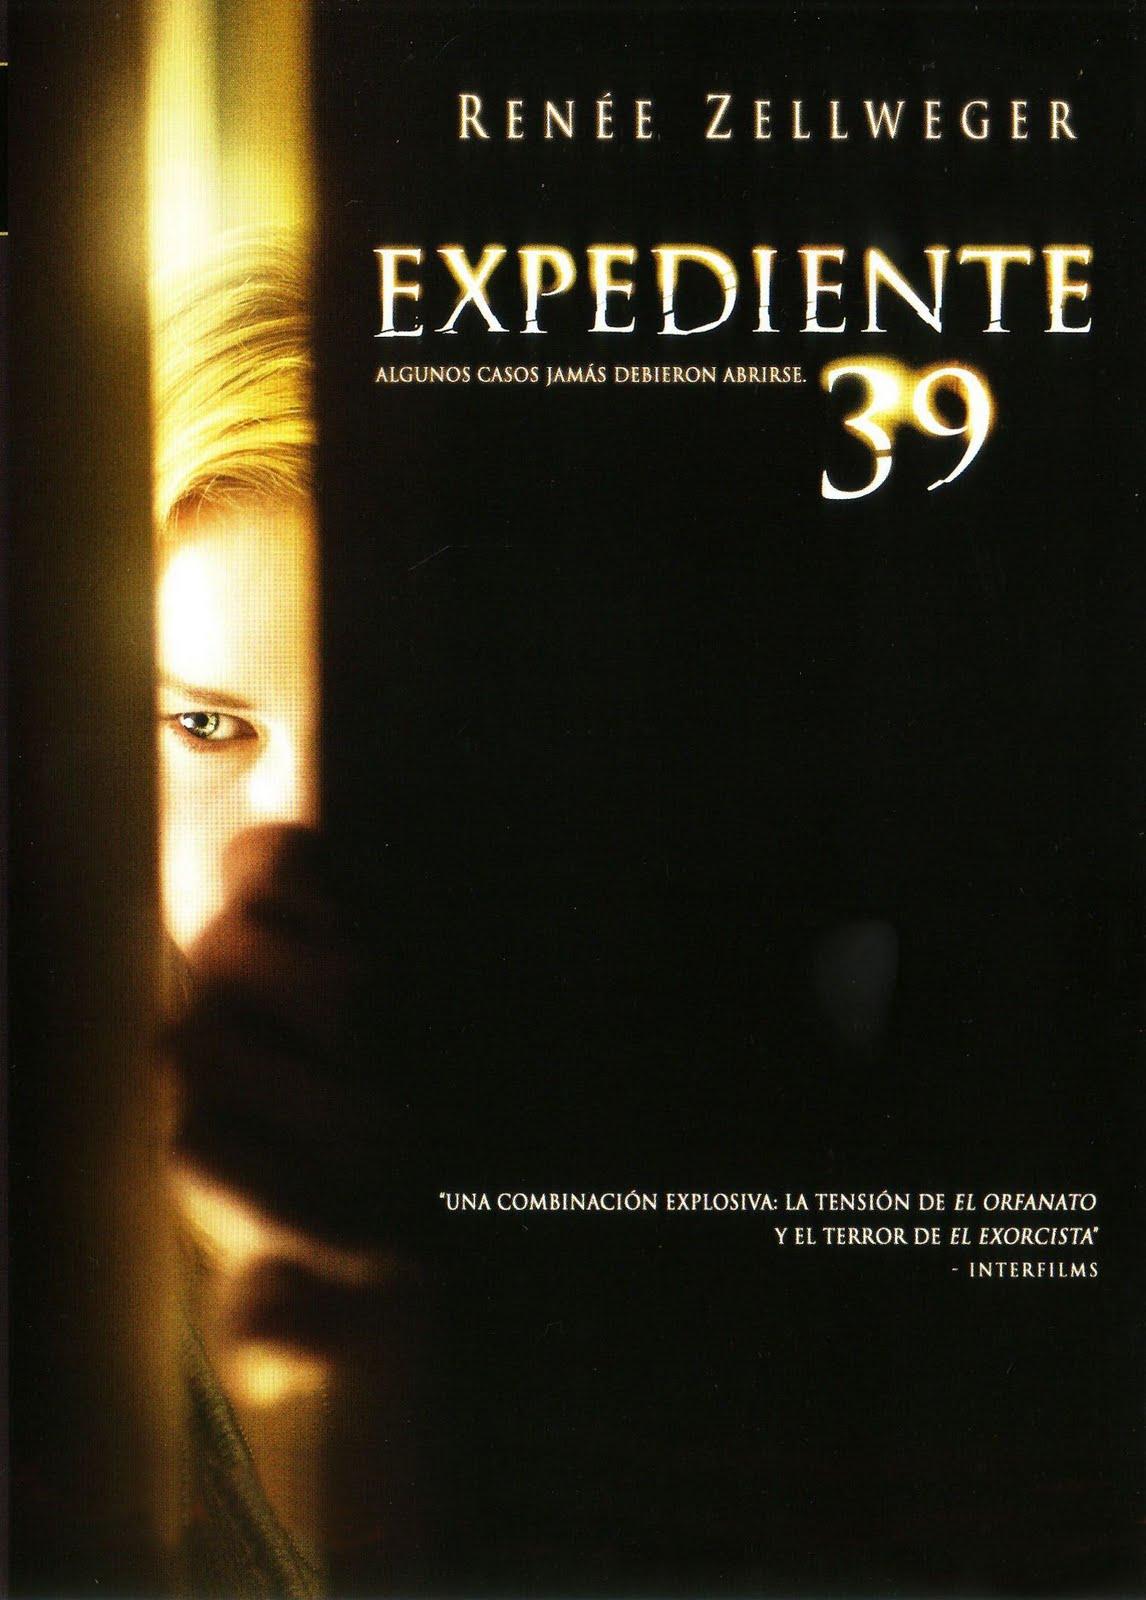 http://2.bp.blogspot.com/_VJU6ZyqSHdY/S8DkO7s0U-I/AAAAAAAAAu8/ucQLy_grGmg/s1600/Expediente+39.jpg